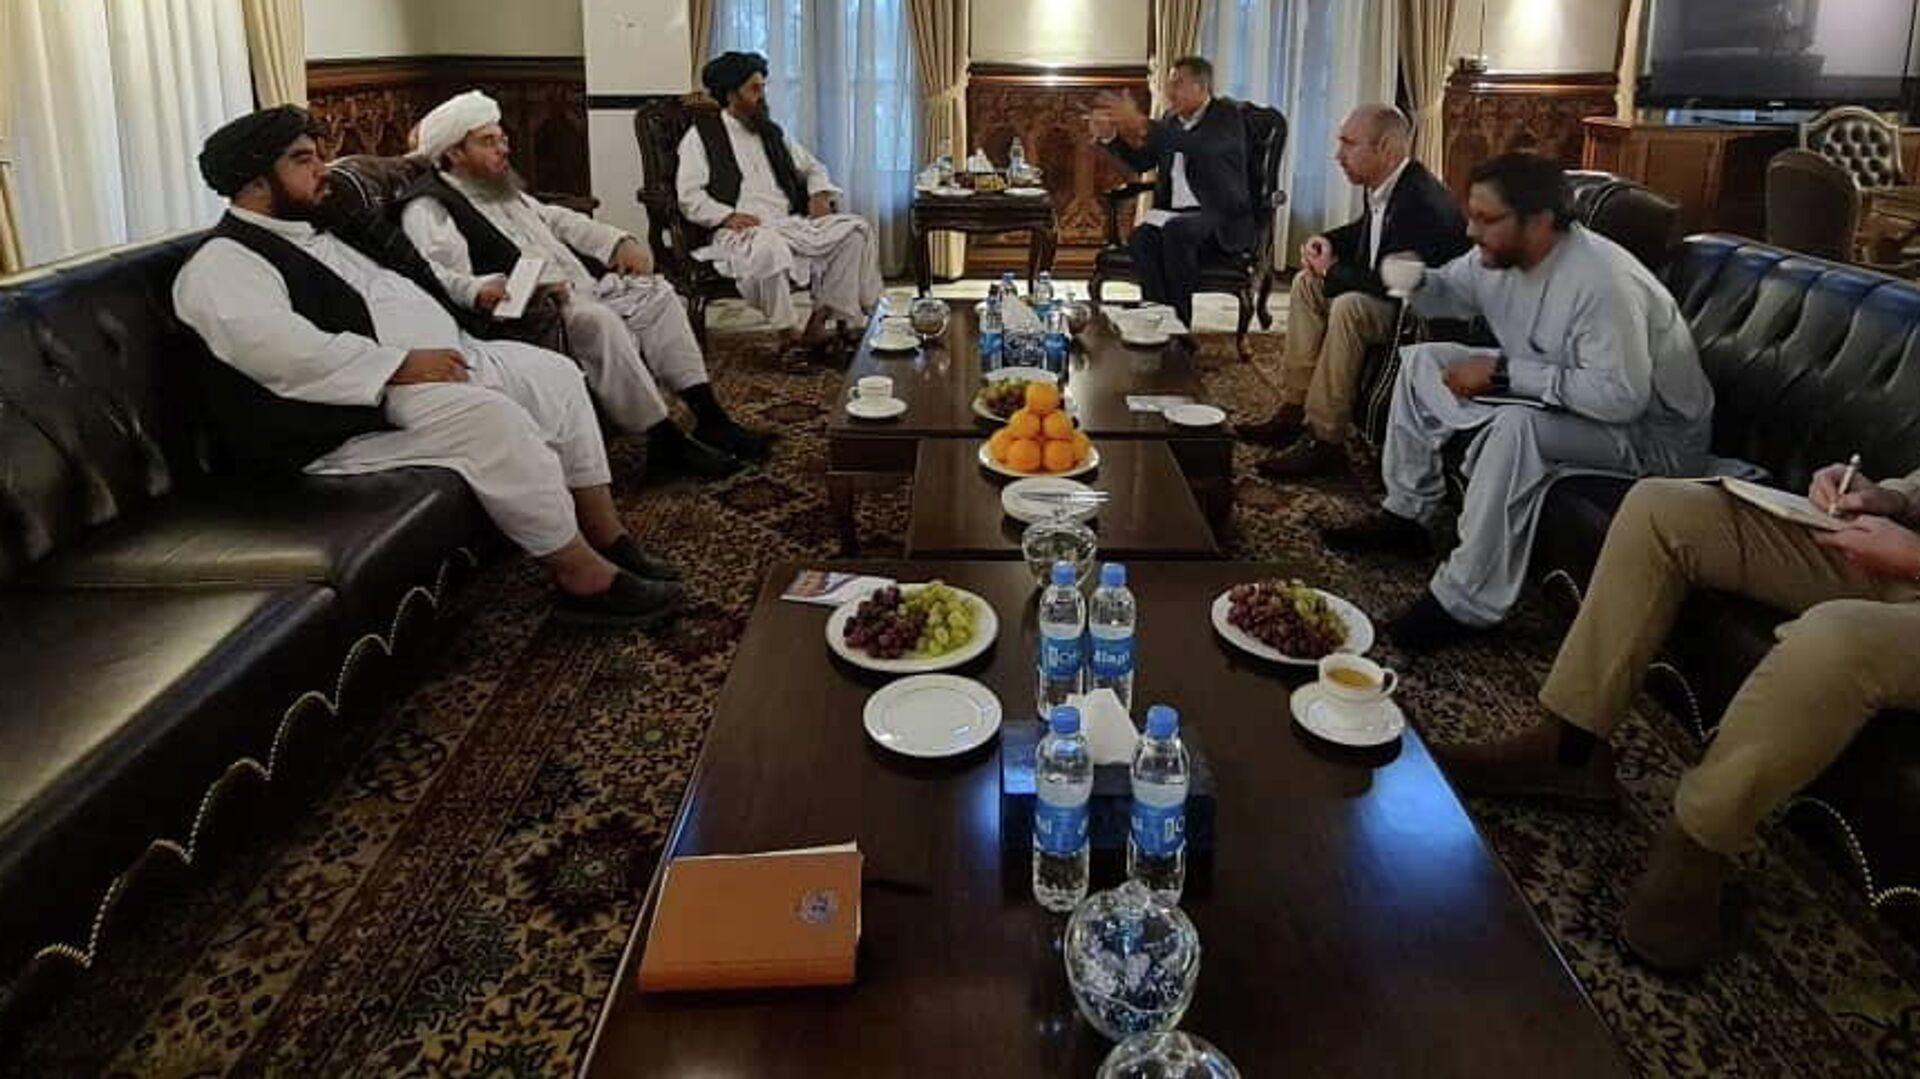 Мулла Барадар, глава политического офиса талибов, встречается с членами Красного Креста в Кабуле - Sputnik Грузия, 1920, 07.10.2021